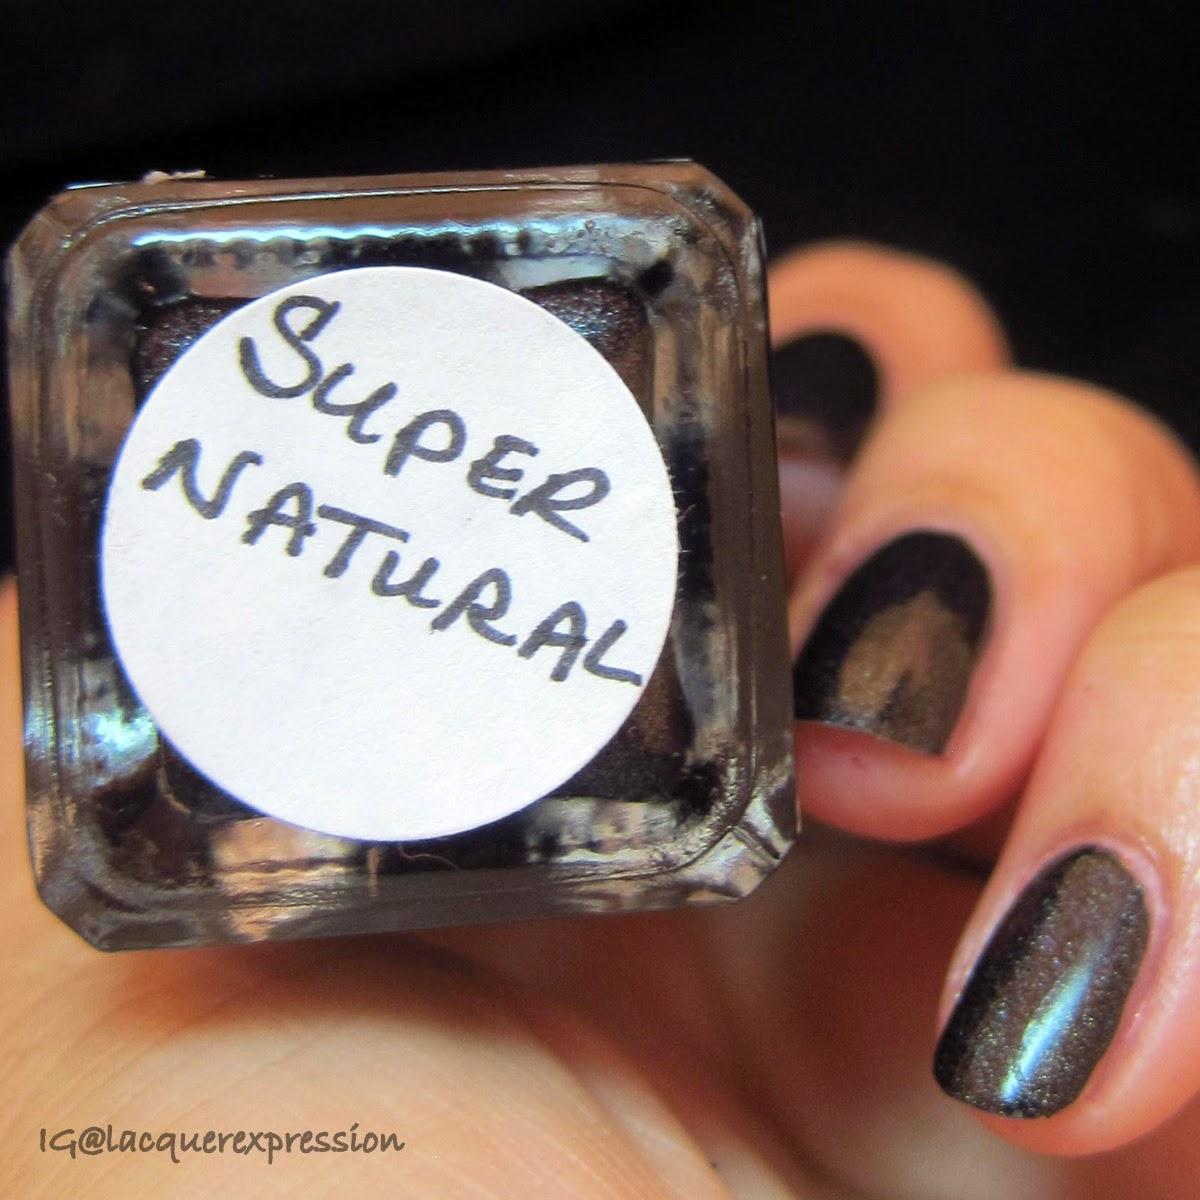 Swatch and Review of Supernatural Nail Polish by Bear Pawlish